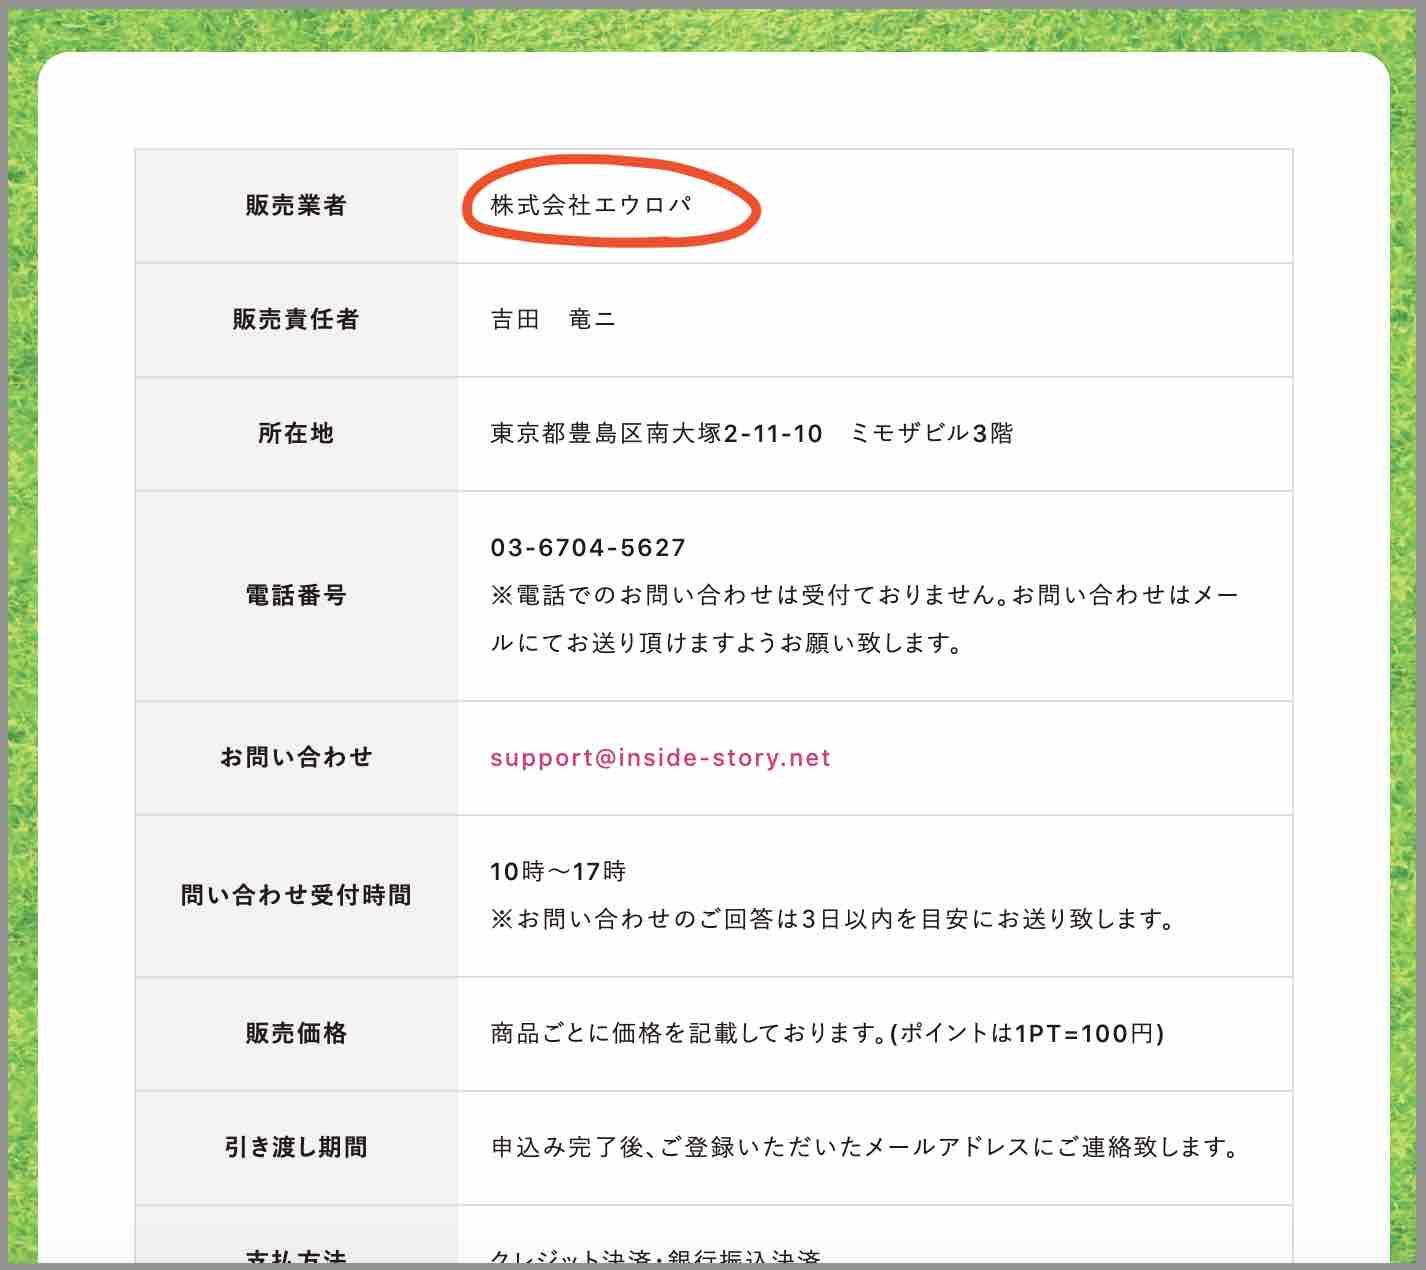 ウマリンピックという競馬予想サイトの運営者情報